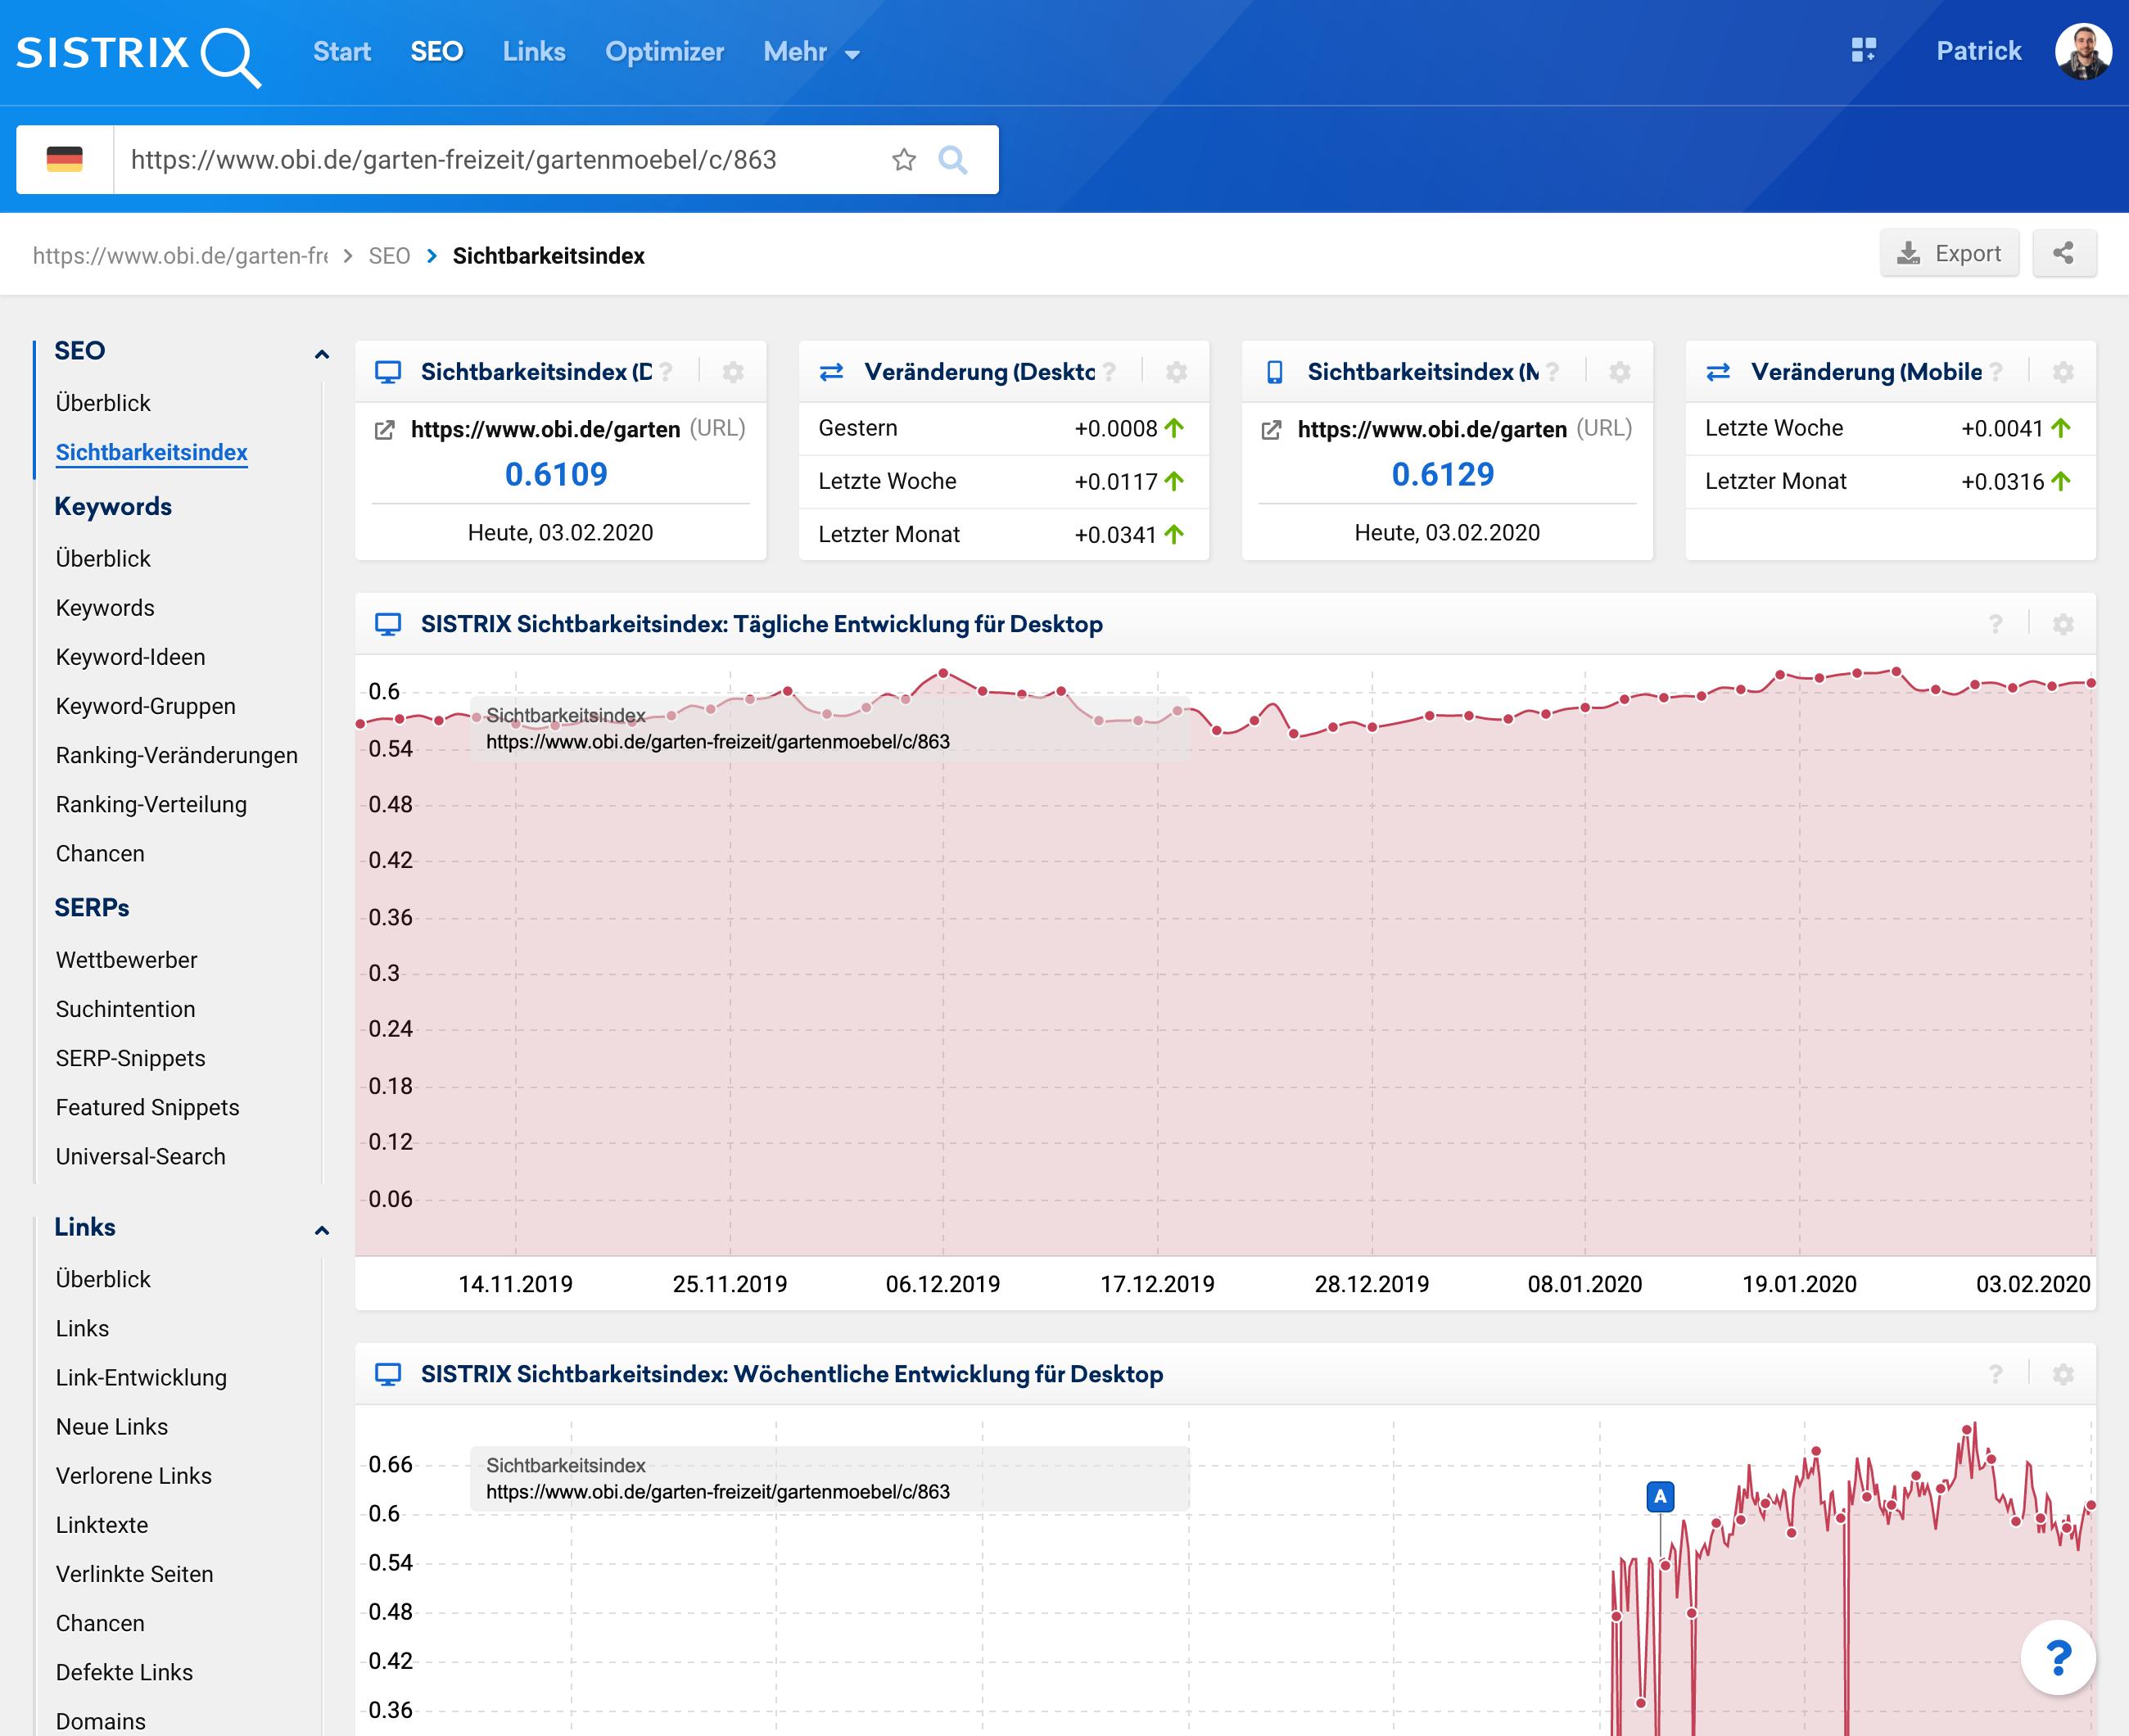 Ansicht der Sichtbarkeitsindex-Seite der Toolbox bei Eingabe einer einzelnen URL in die Suchleiste.